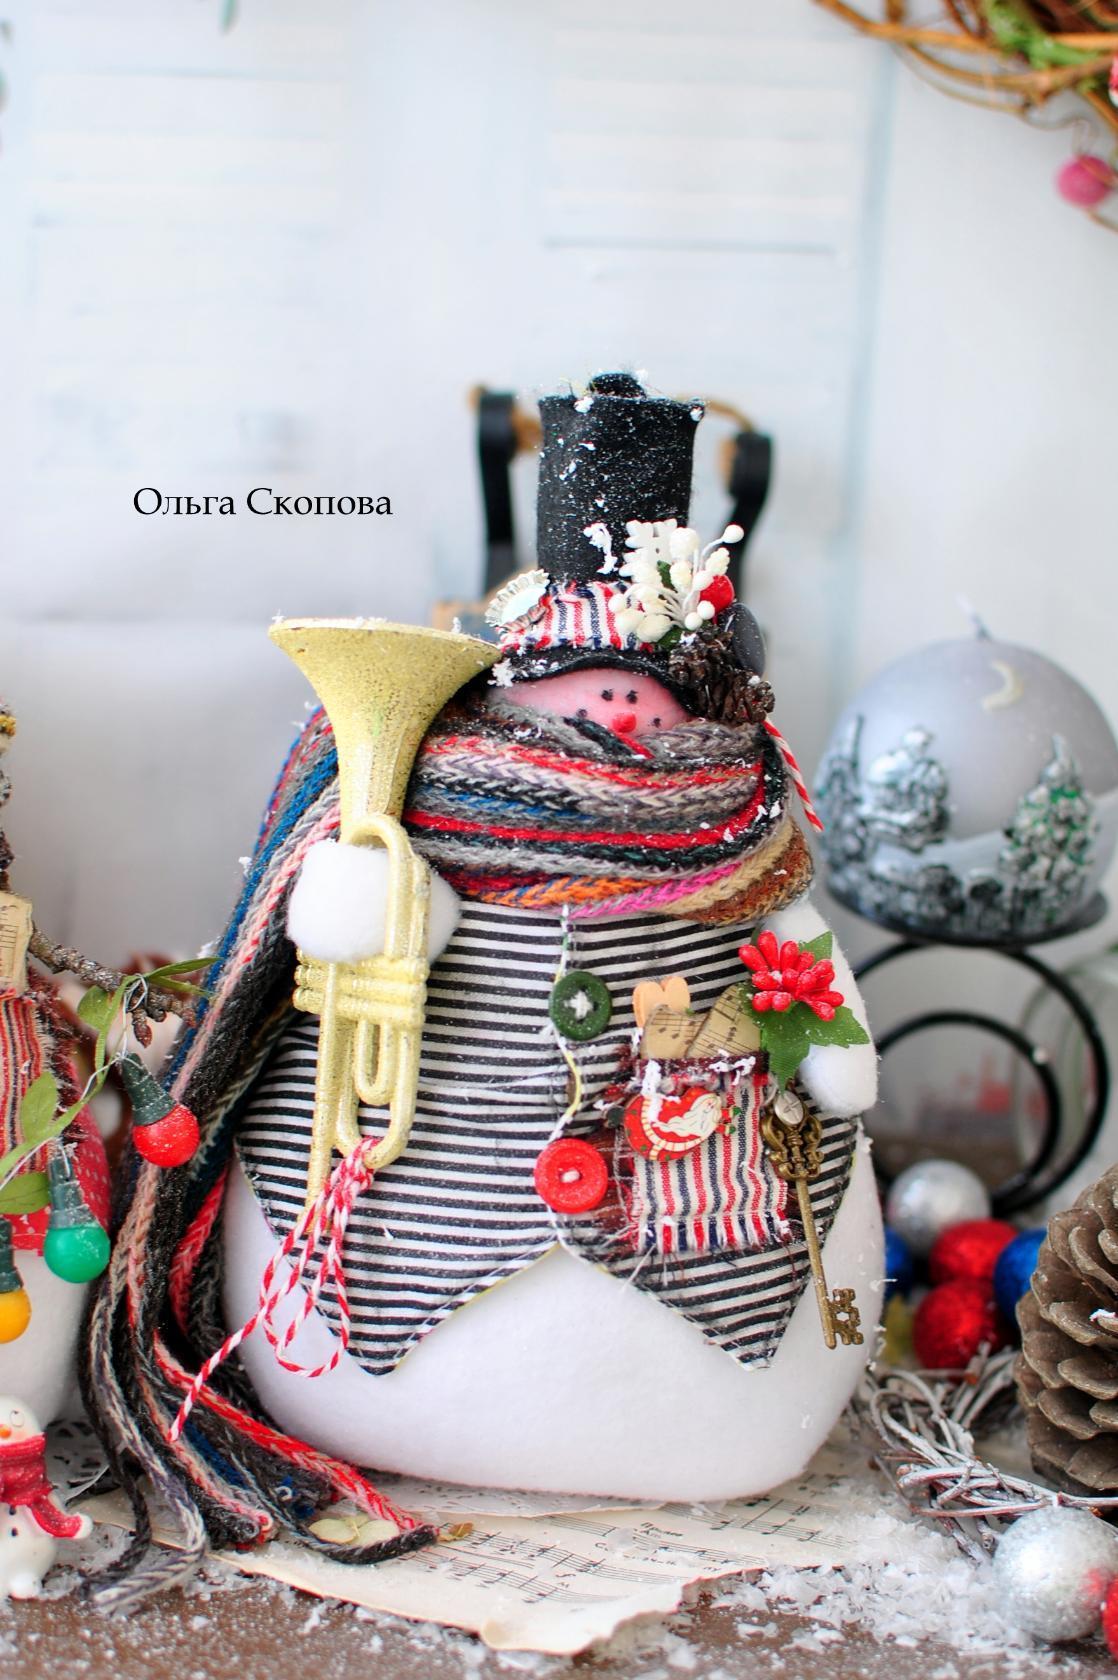 снеговики Ольги скоповой